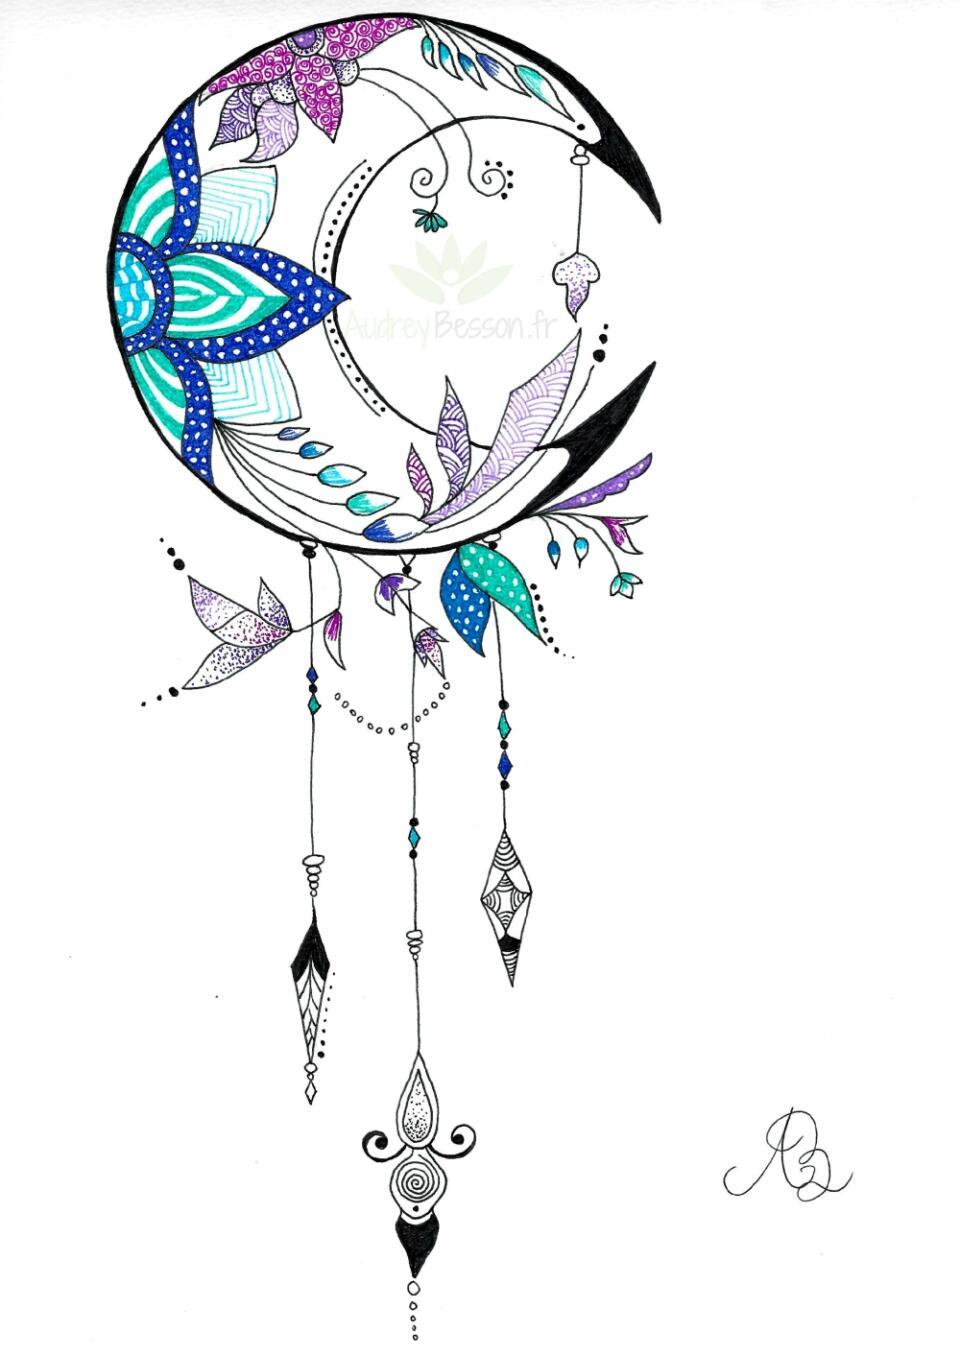 Lune Dessin Mandala Audrey Besson Pouvoir Attrape Rêve Dreamcatcher Audrey Besson